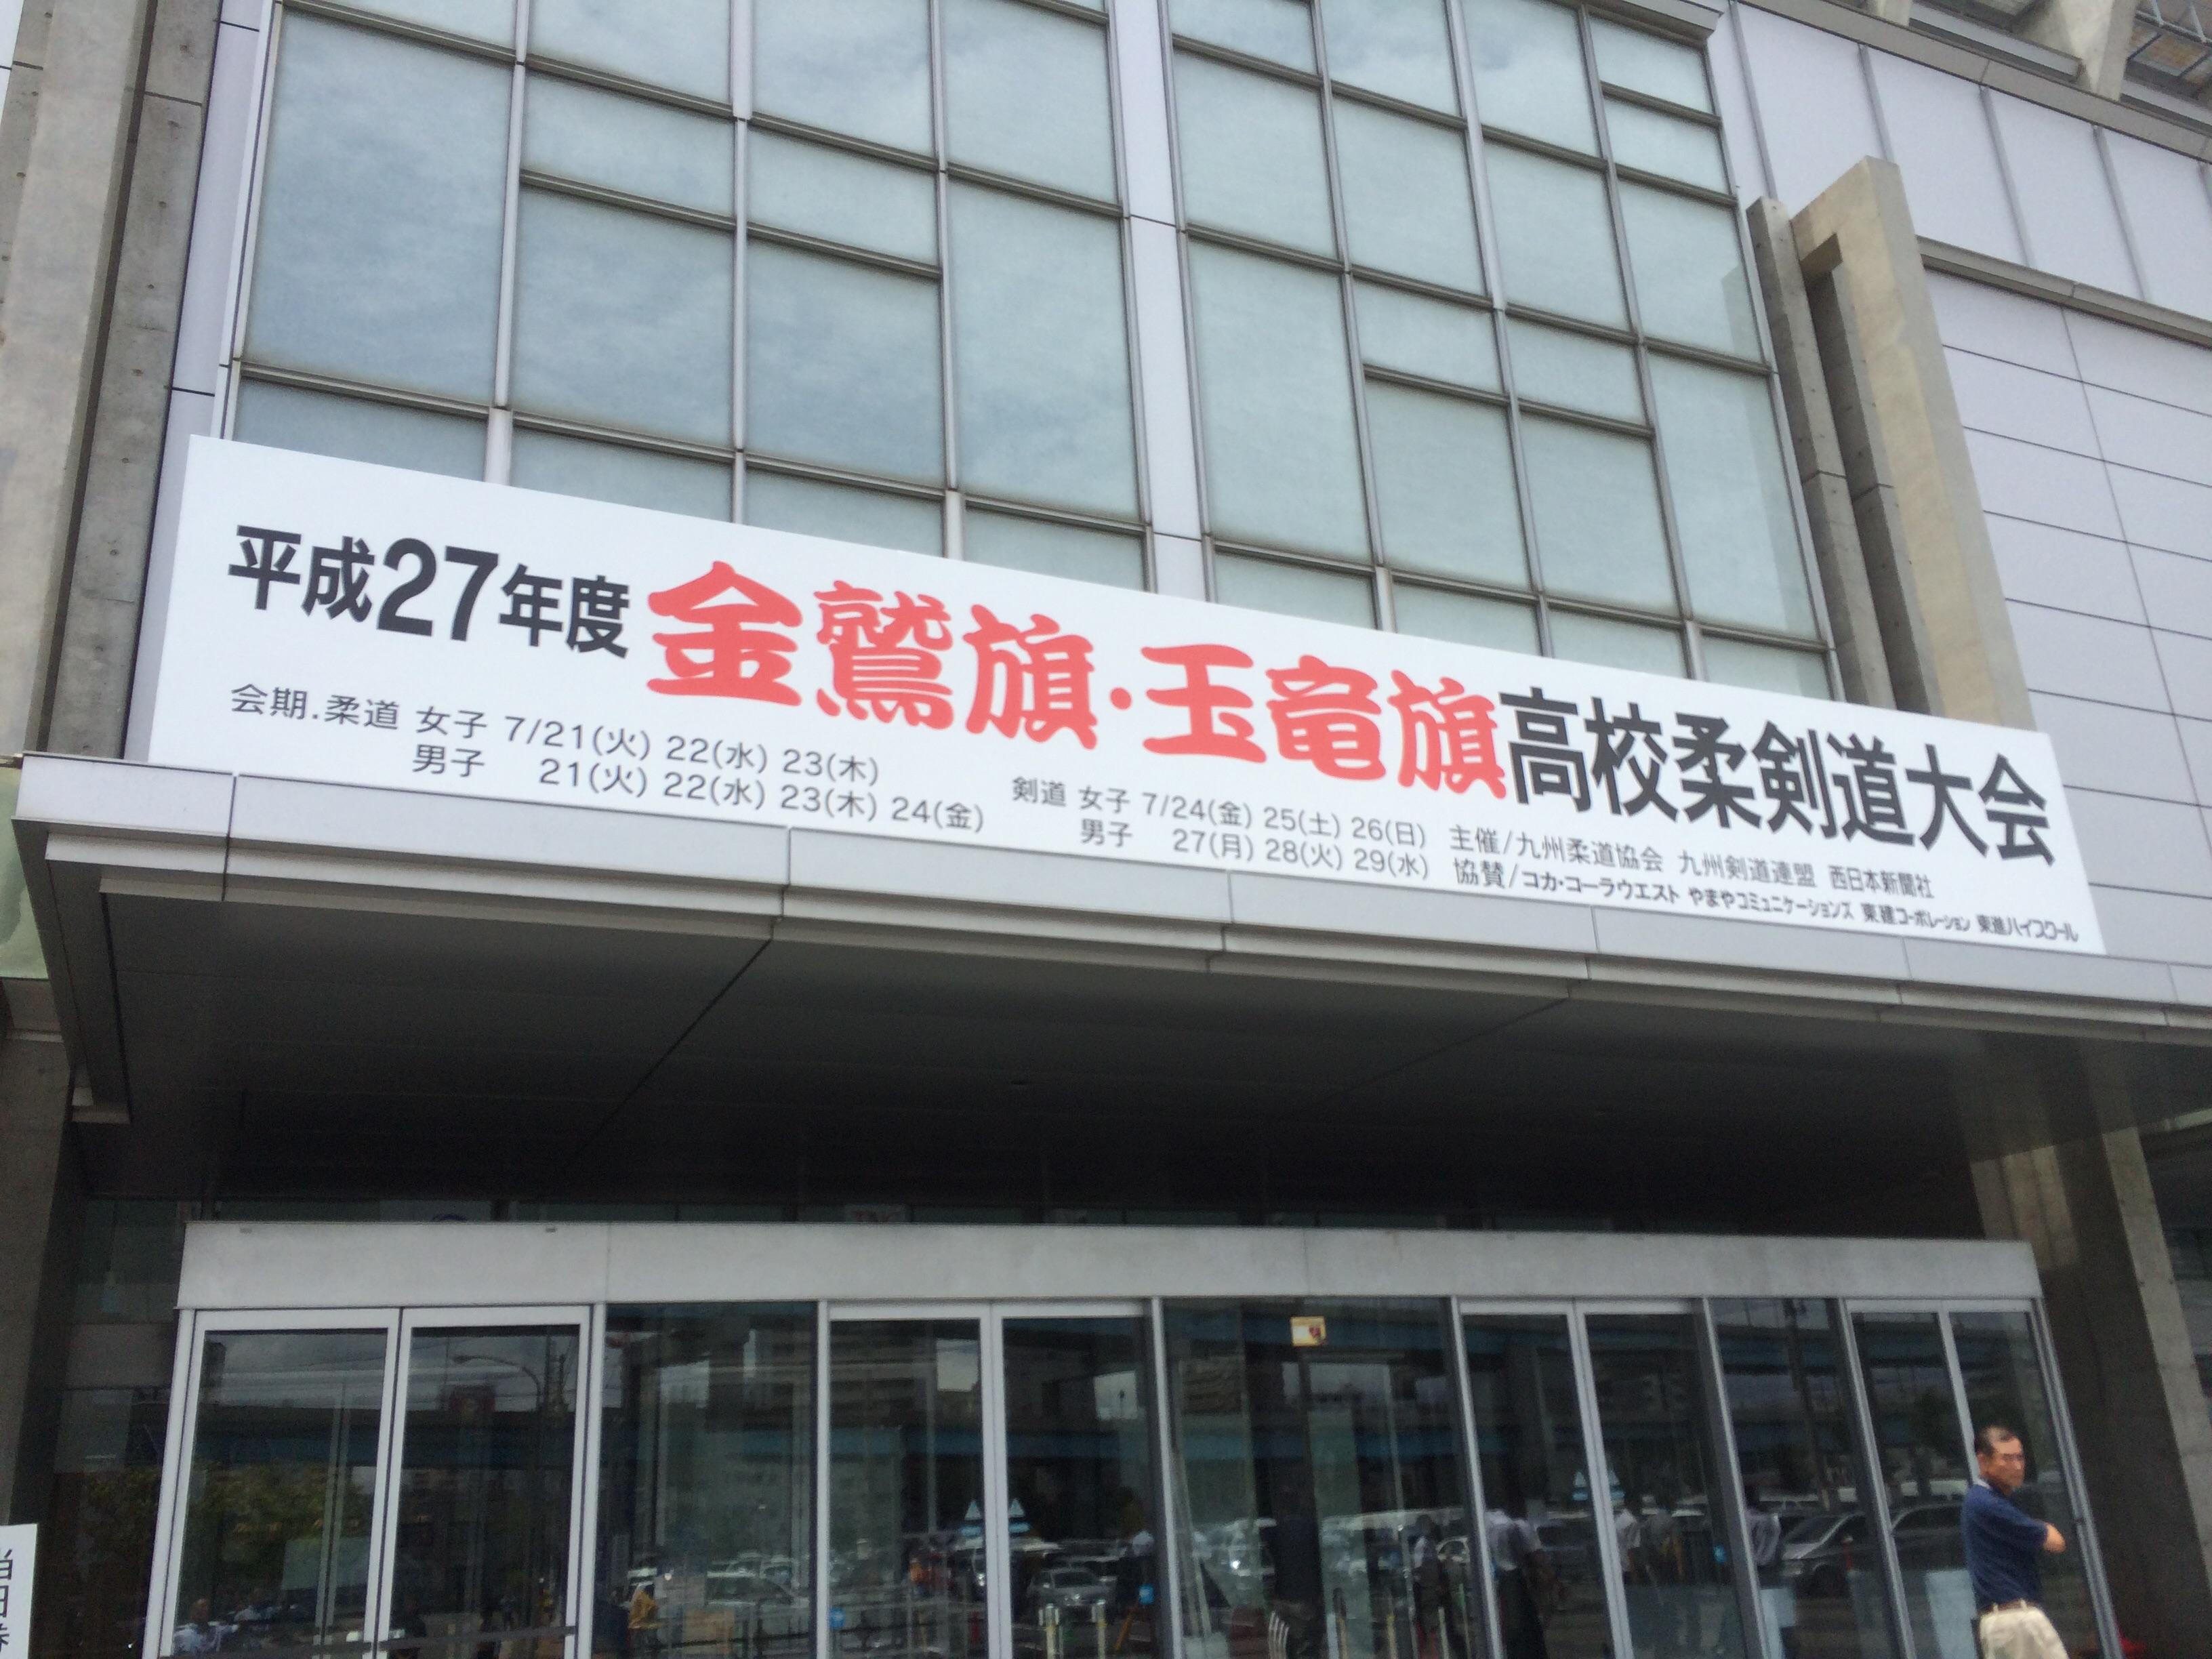 息子の応援!懐かしの大会「金鷲旗」へ!いざ福岡へ。